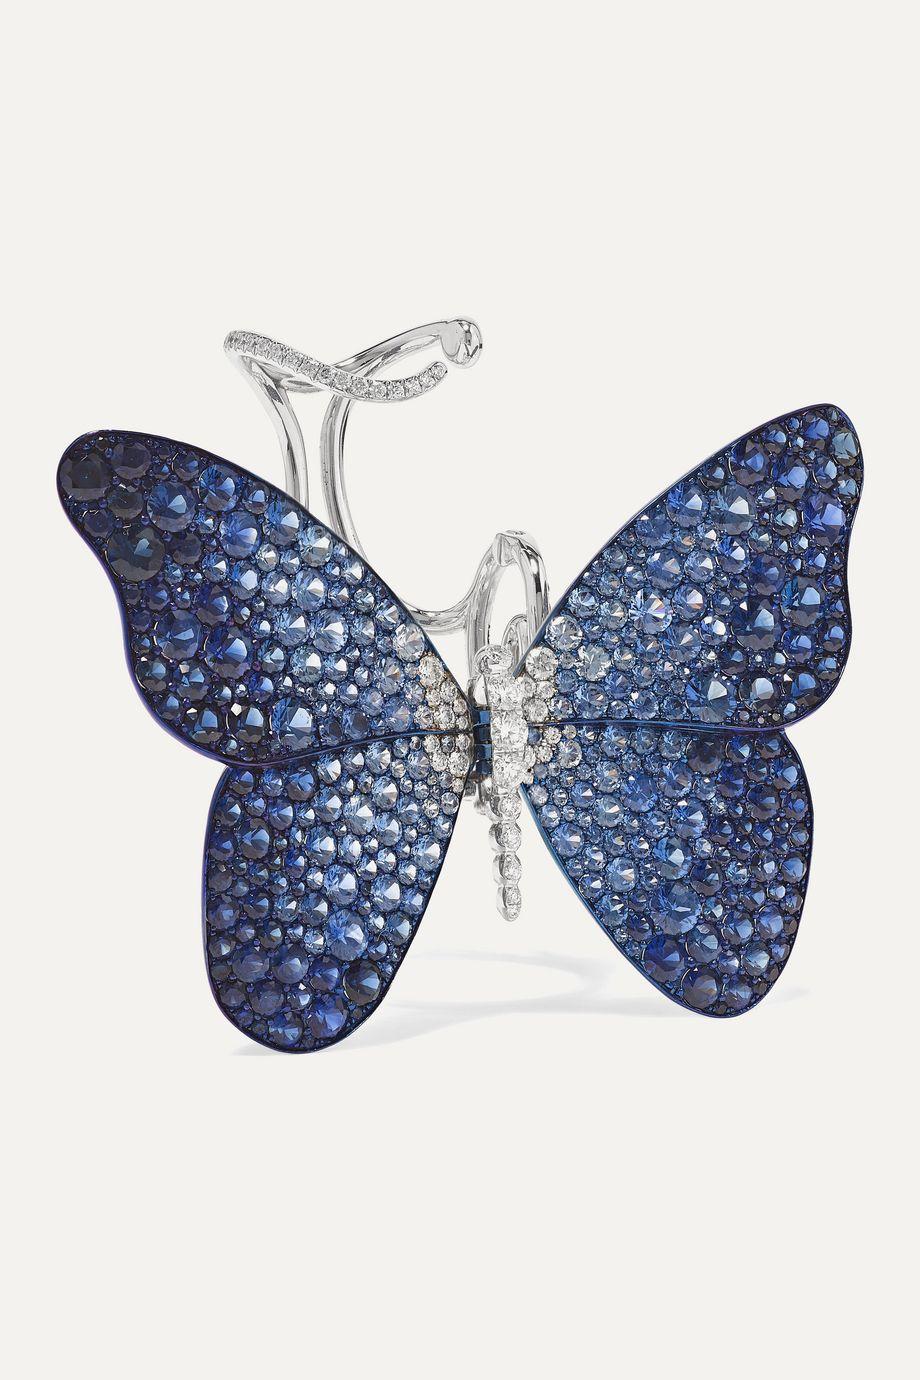 G by Glenn Spiro Papillon titanium, 18-karat white gold, sapphire and diamond ring